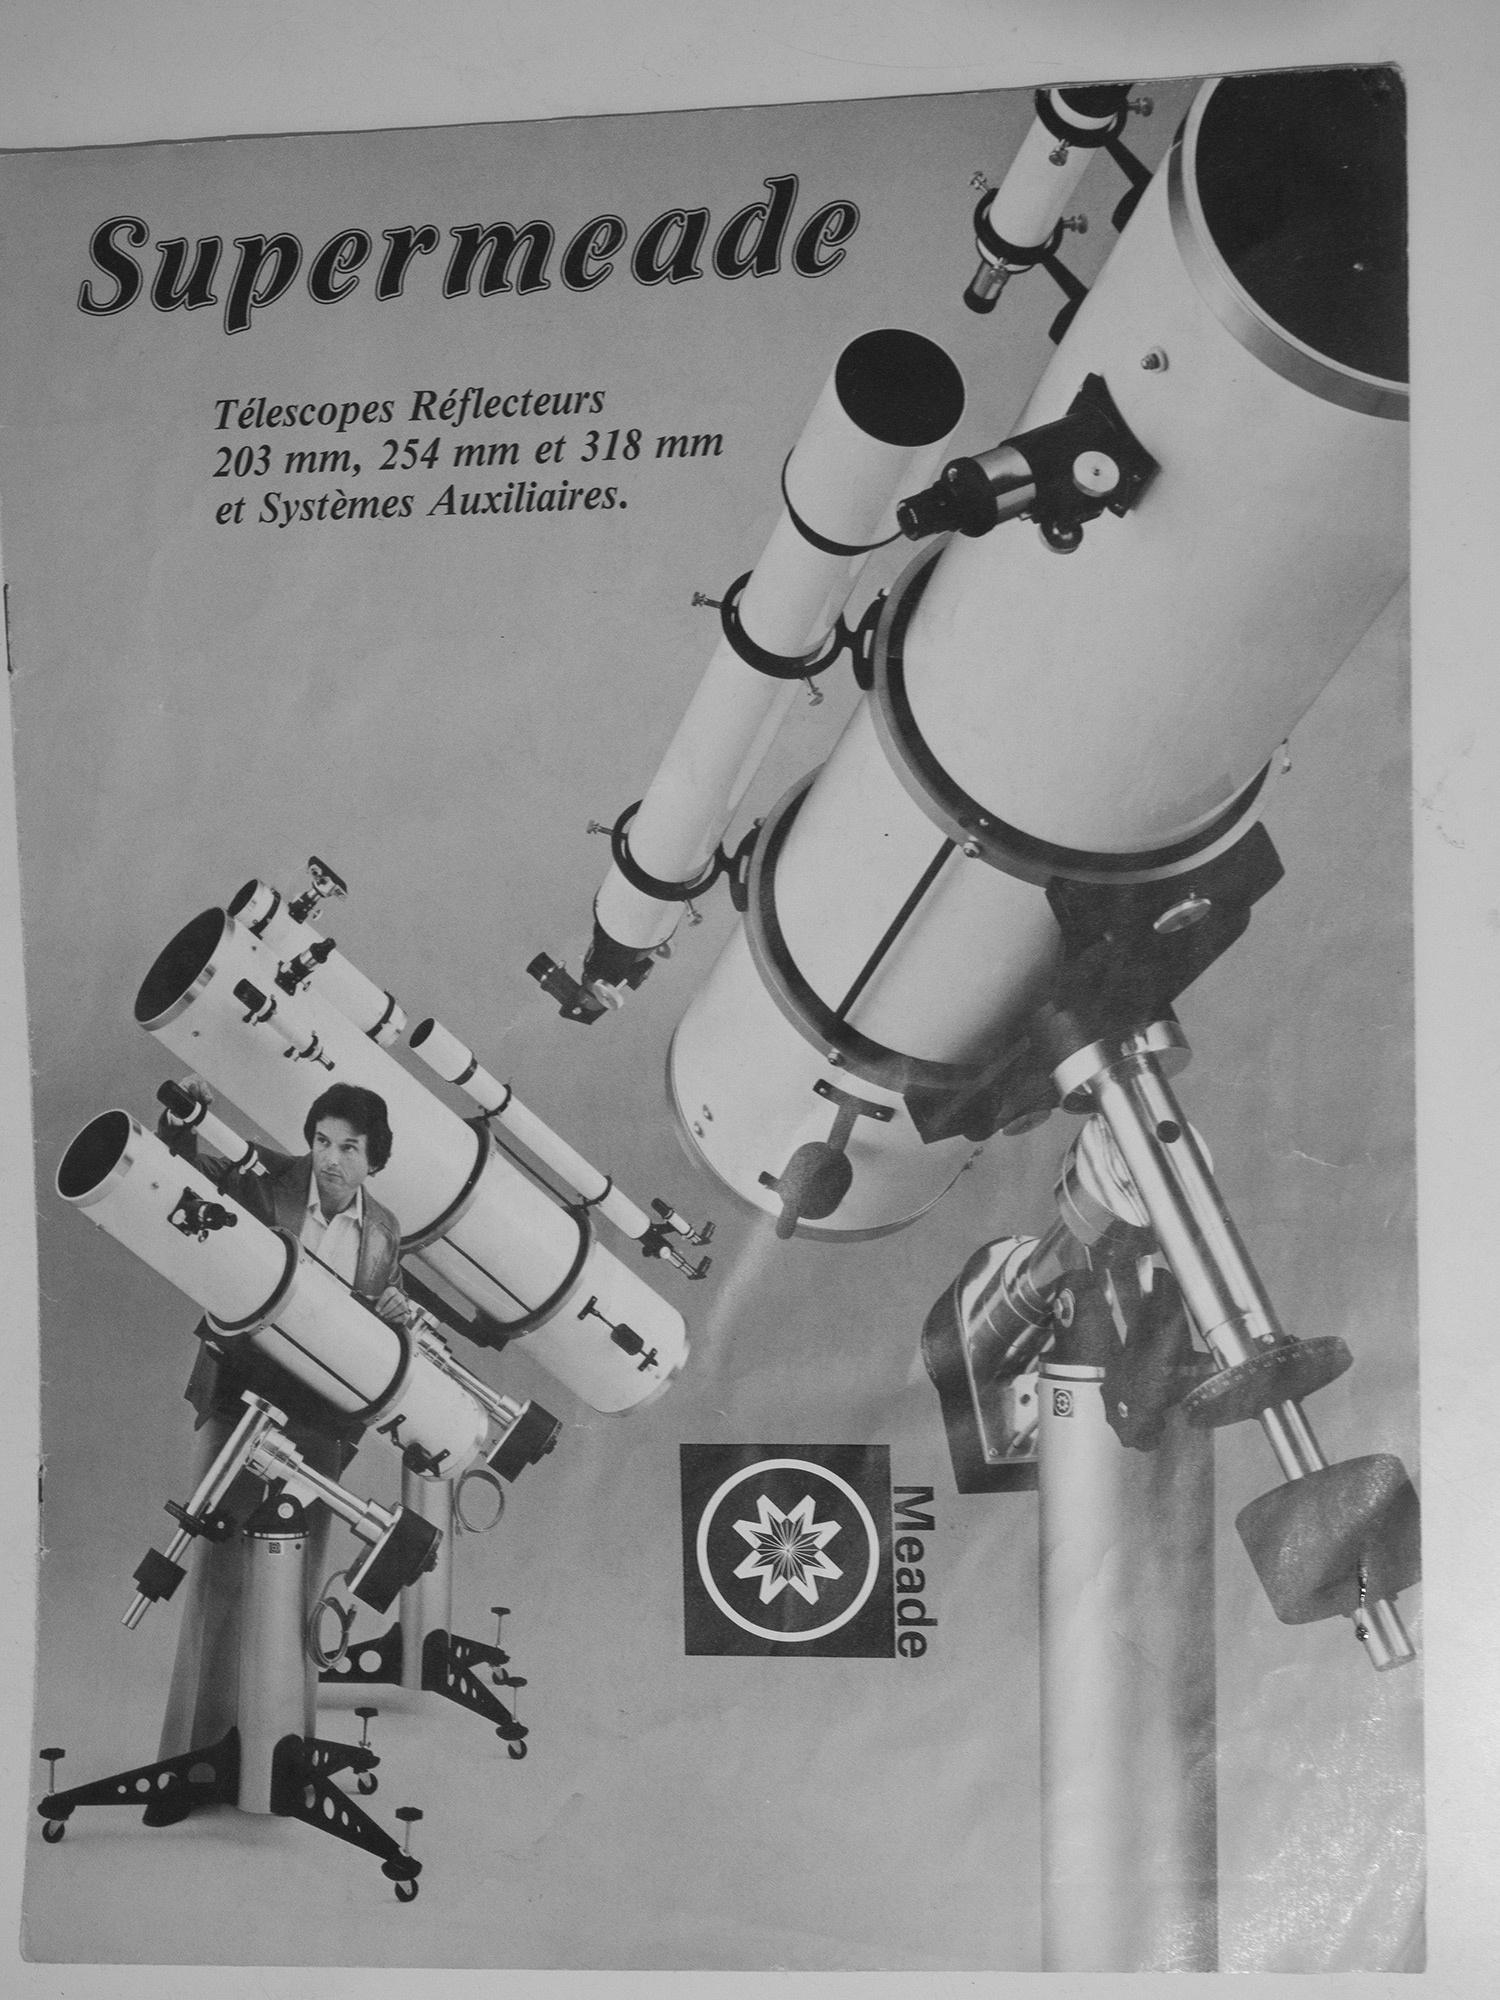 Supermeade2.jpg.d33e502a35bfc0340aaee7cc1837b649.jpg